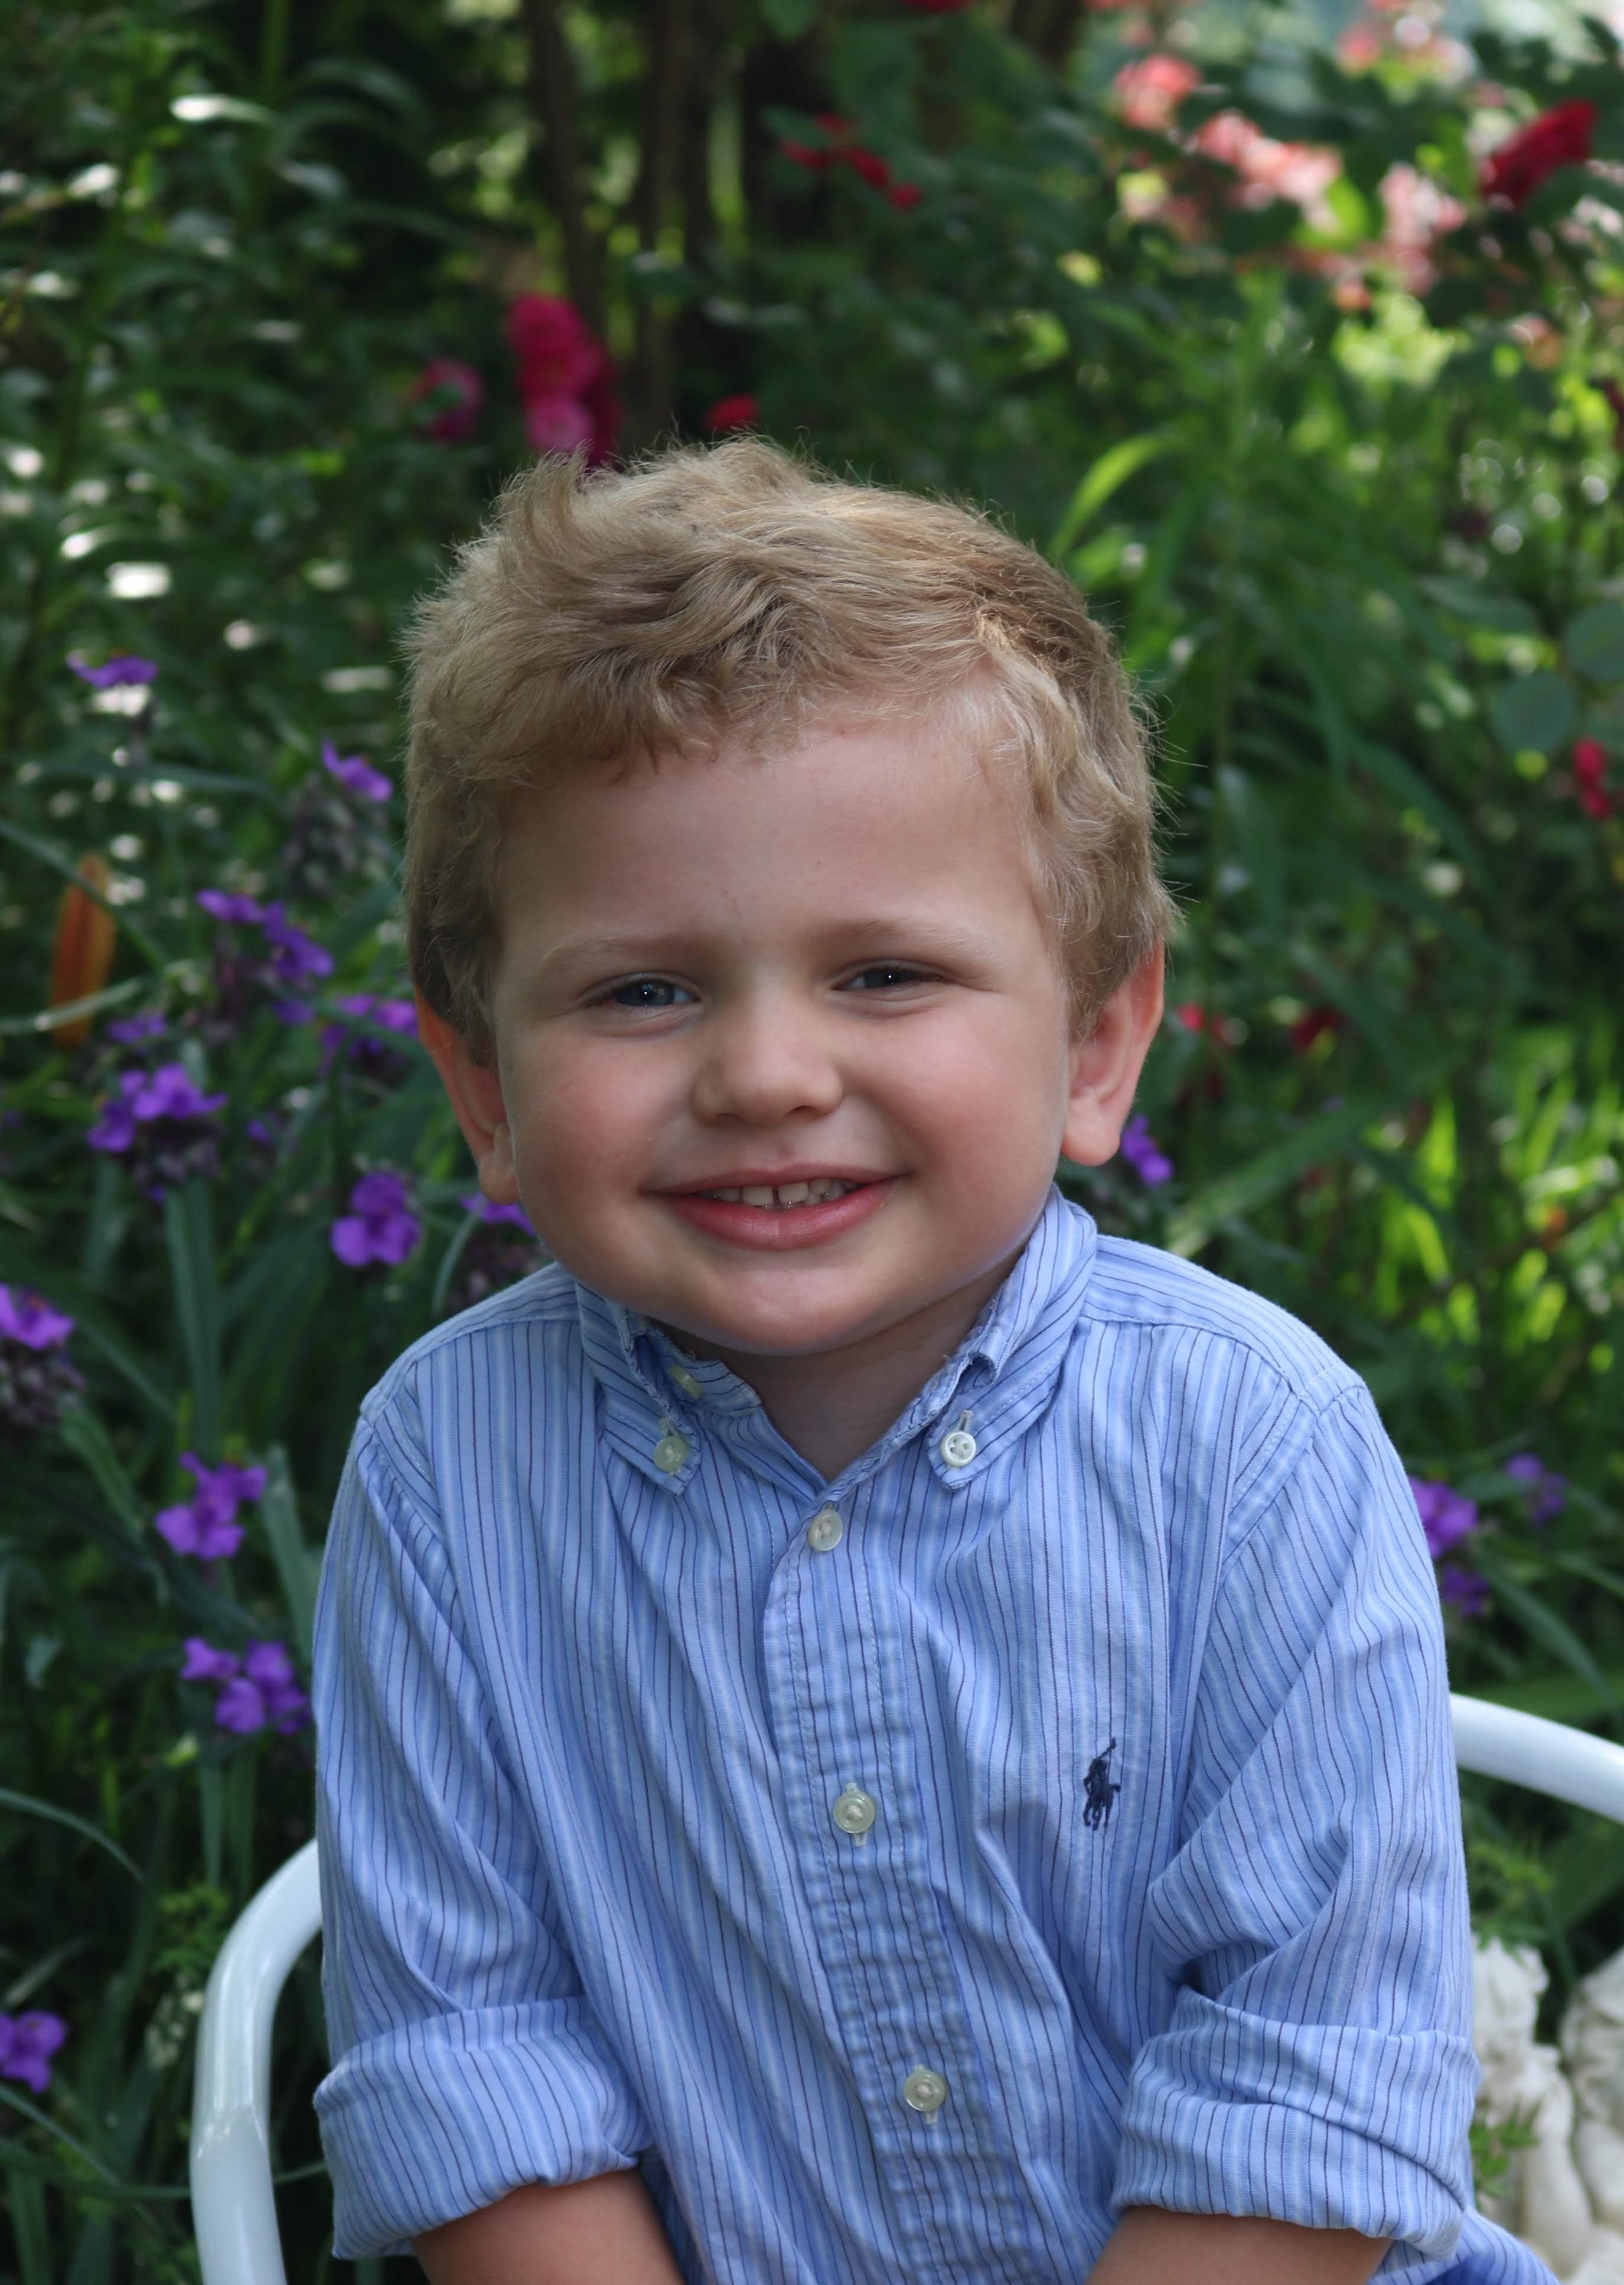 Boy blue shirt 3